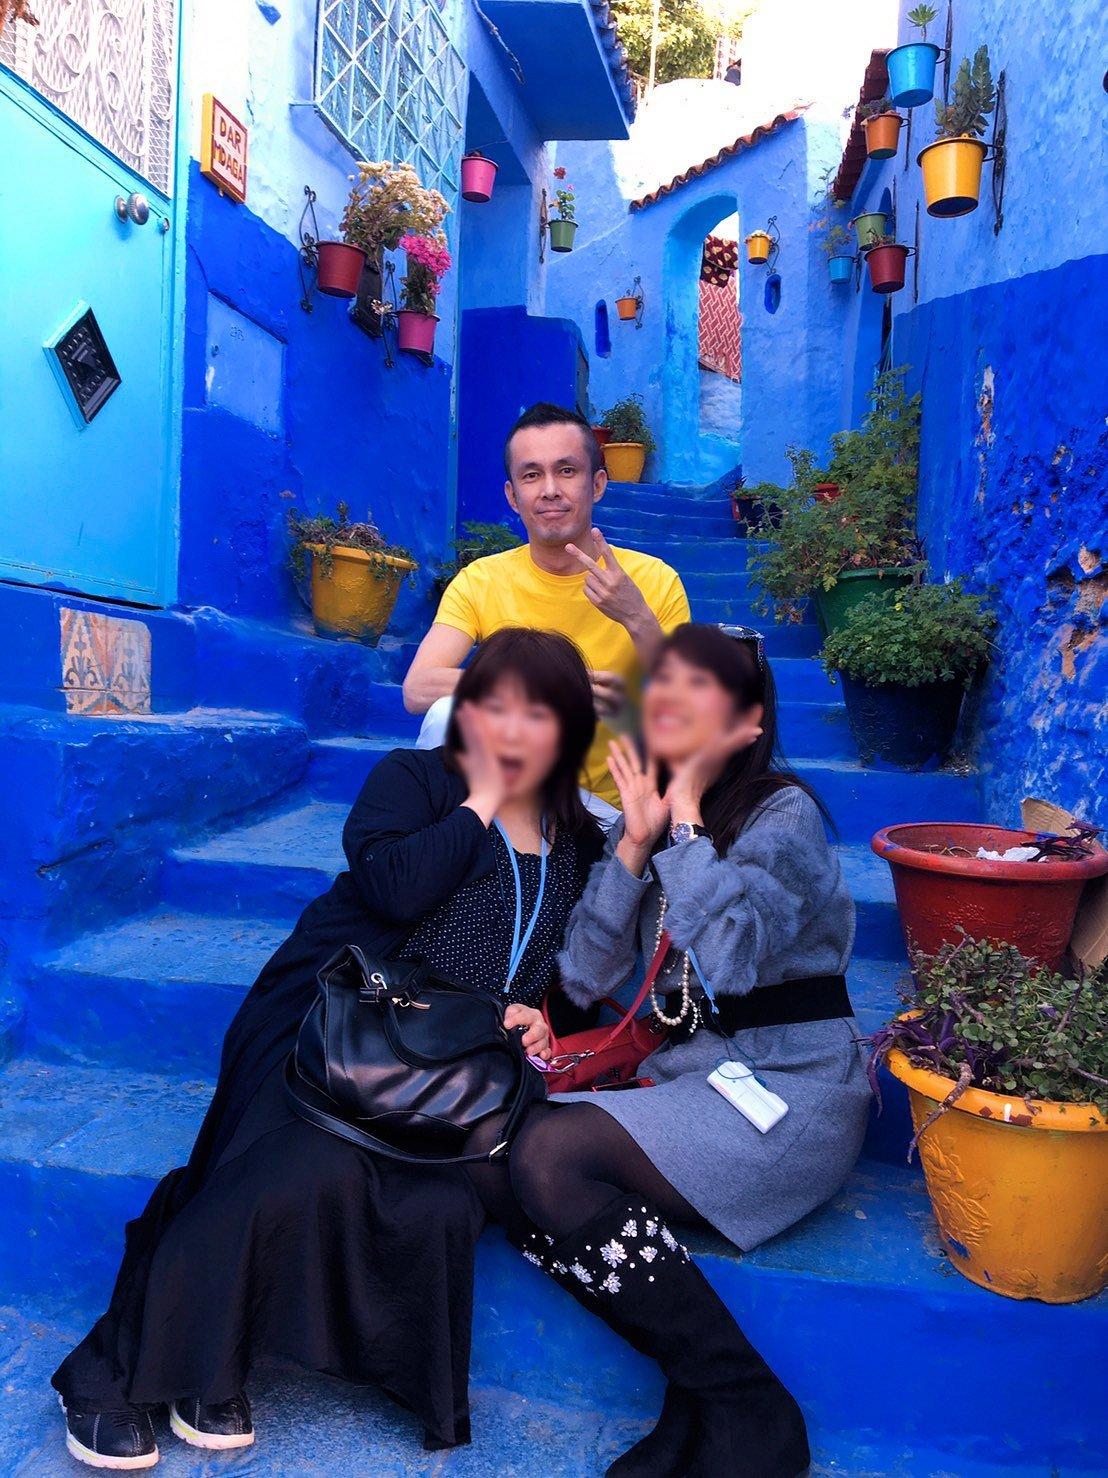 シャウエンの街の人気の場所で仲良く写真撮影を3